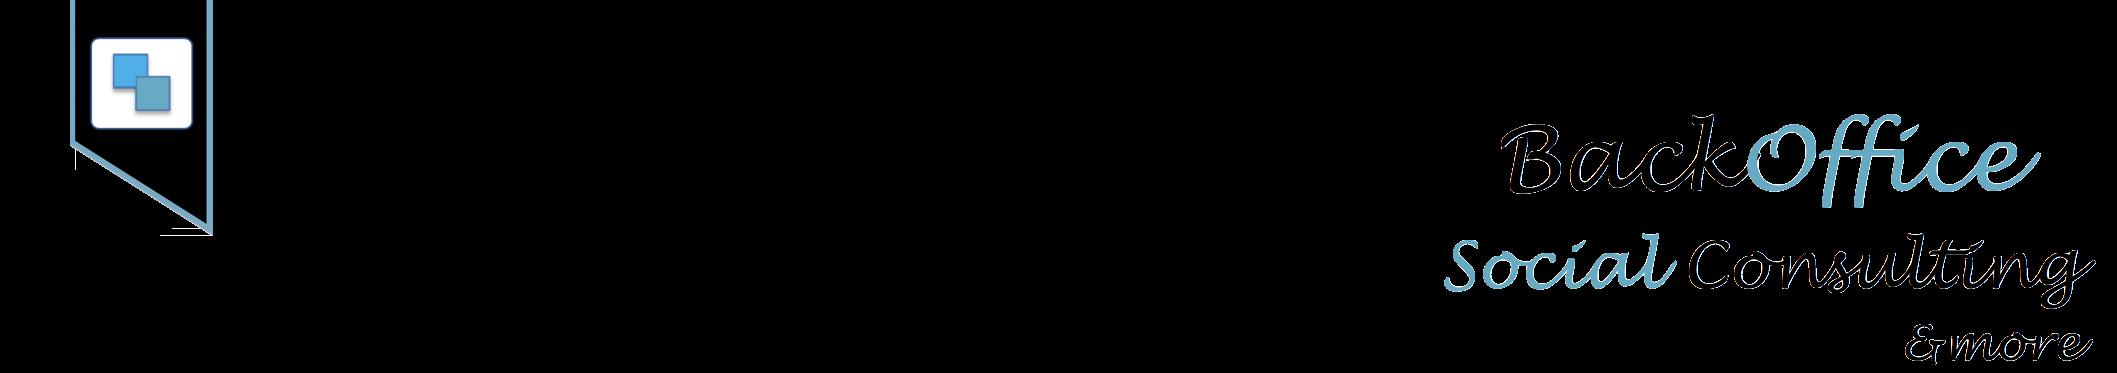 Beratung Probleme Teams Einzelpersonen Einzelcoaching Coaching Supervision Gruppencoaching Teamcoaching Team Gruppe Arbeitsplatz über uns Beratungsverständnis lösungsorientiert systemisch PsychohygieneBackOffice Social Consulting & more Logo